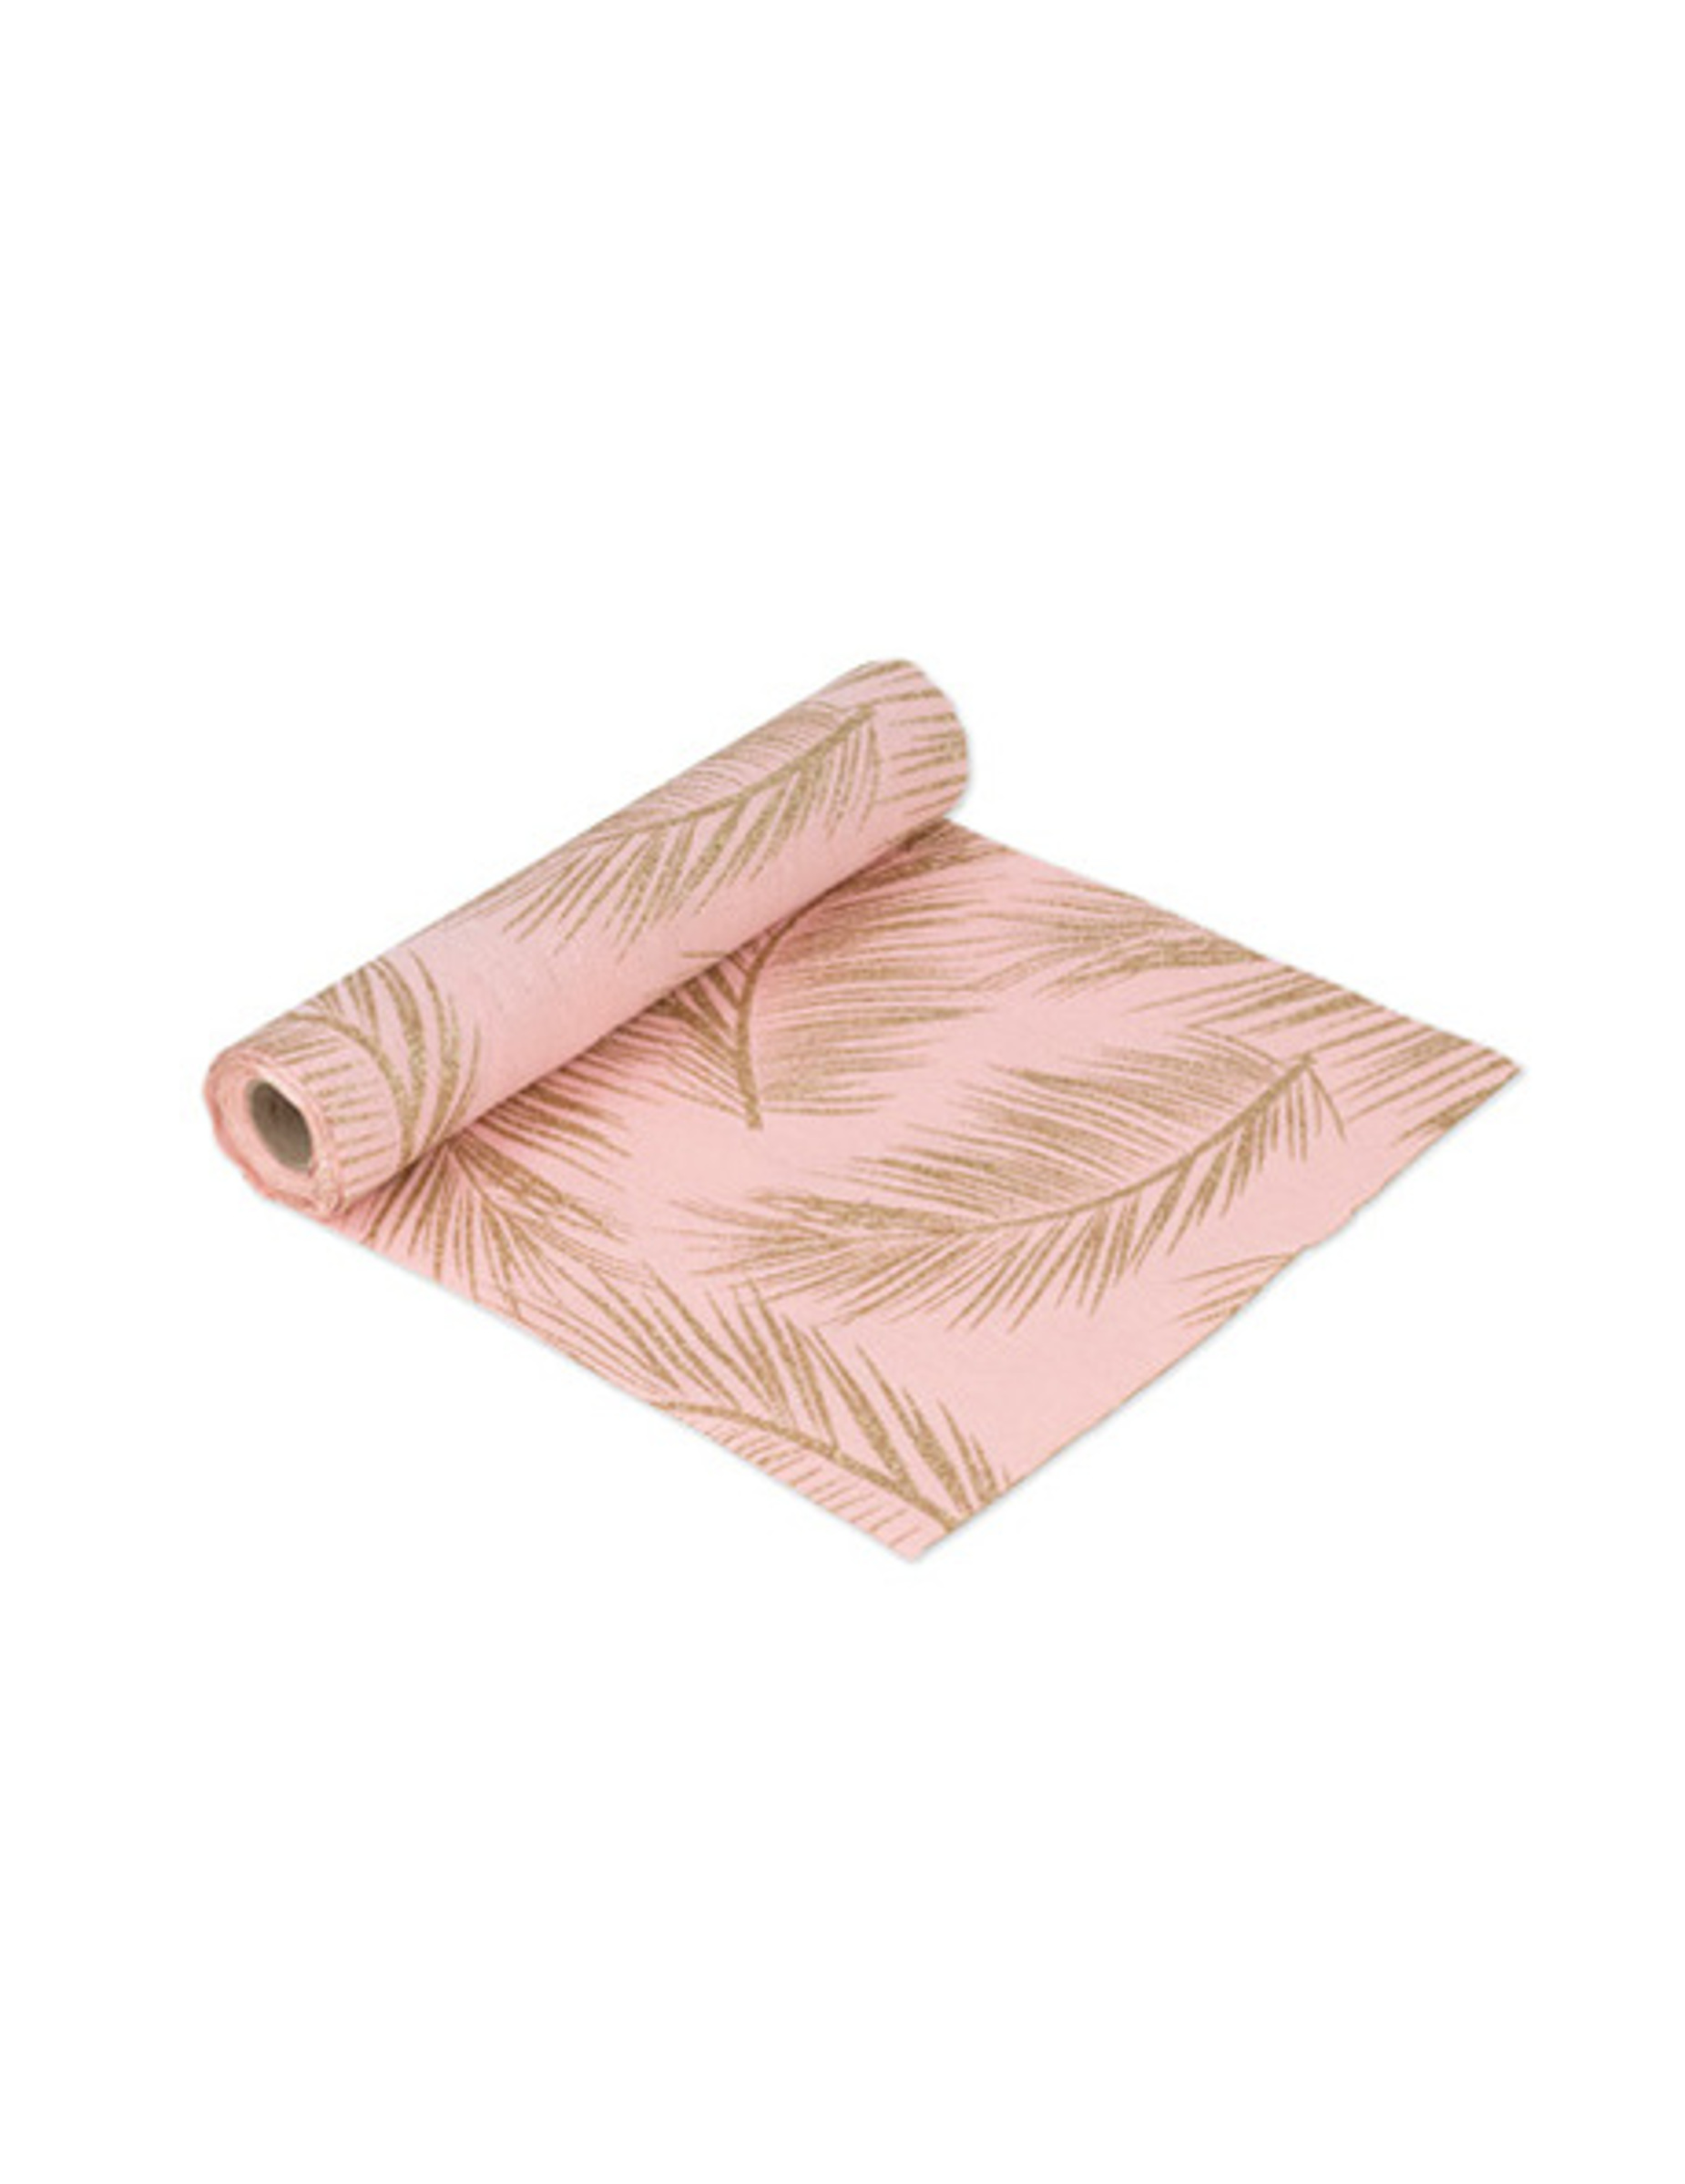 chemin de table en lin rose poudr foug re paillette dor. Black Bedroom Furniture Sets. Home Design Ideas